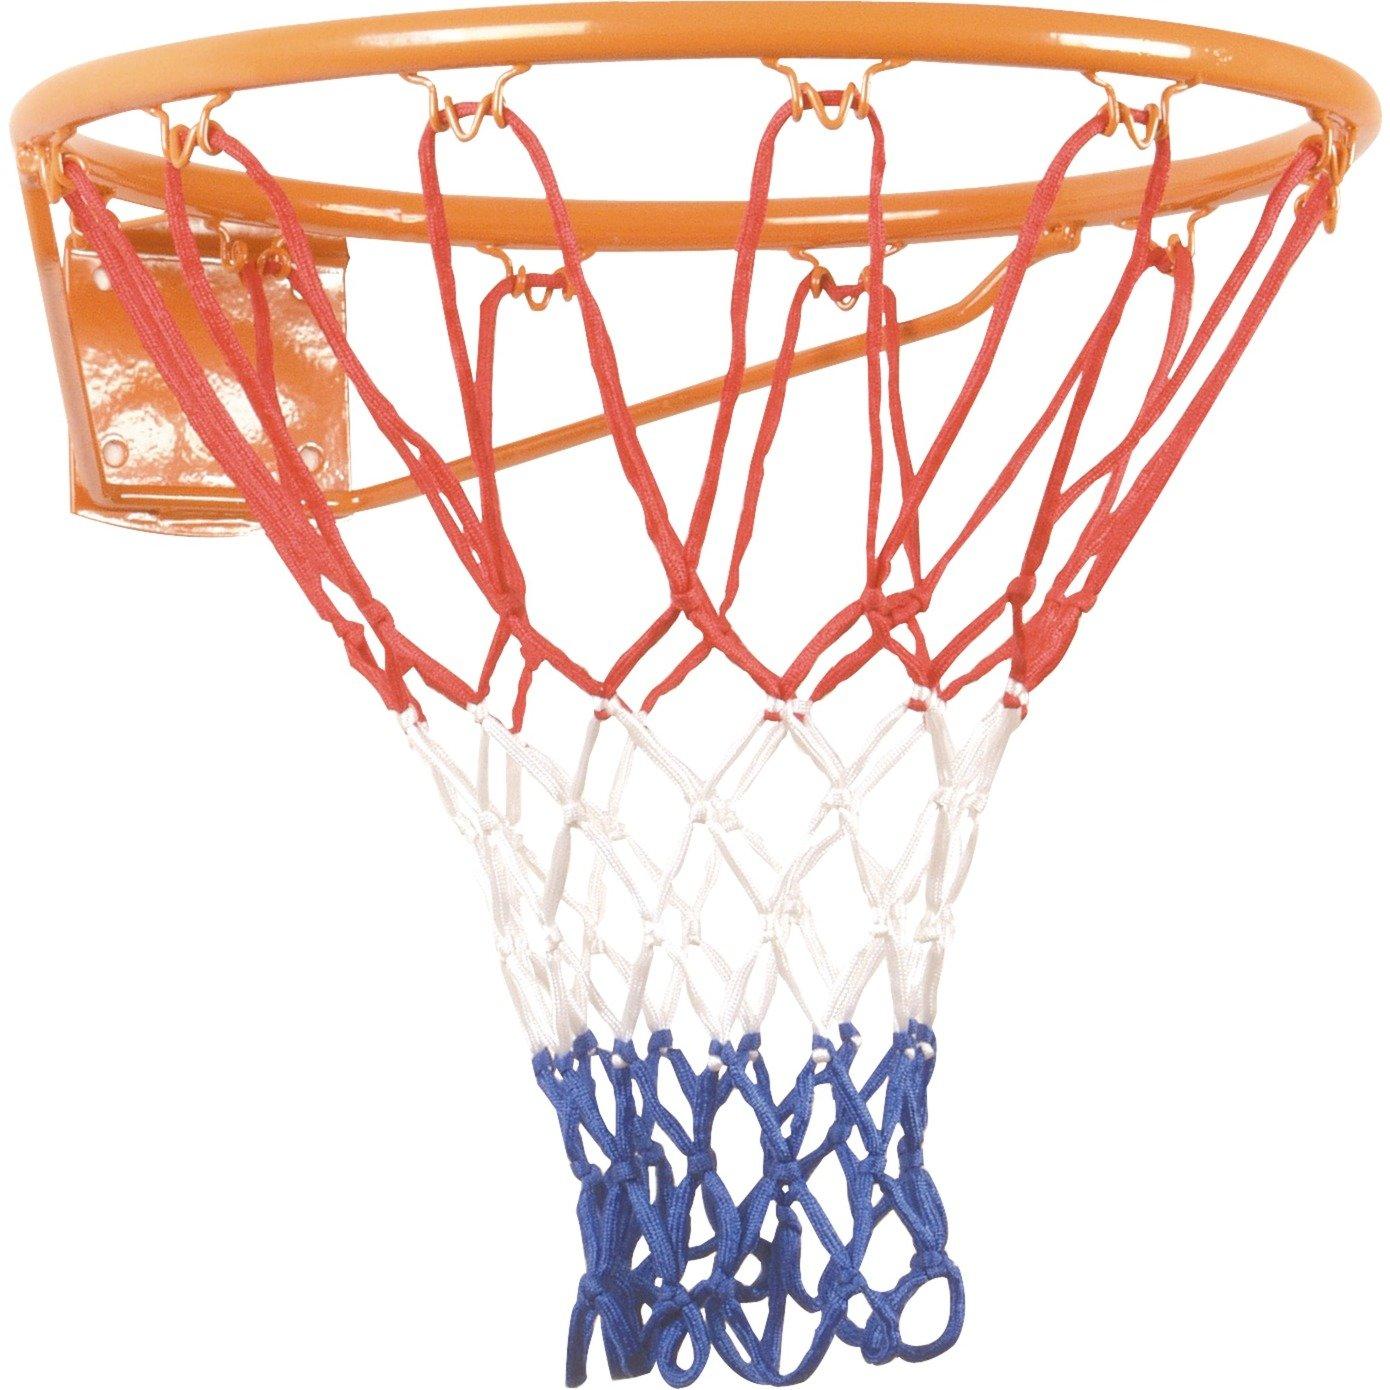 outdoor-basketballkorb-mit-netz-have-legetoj